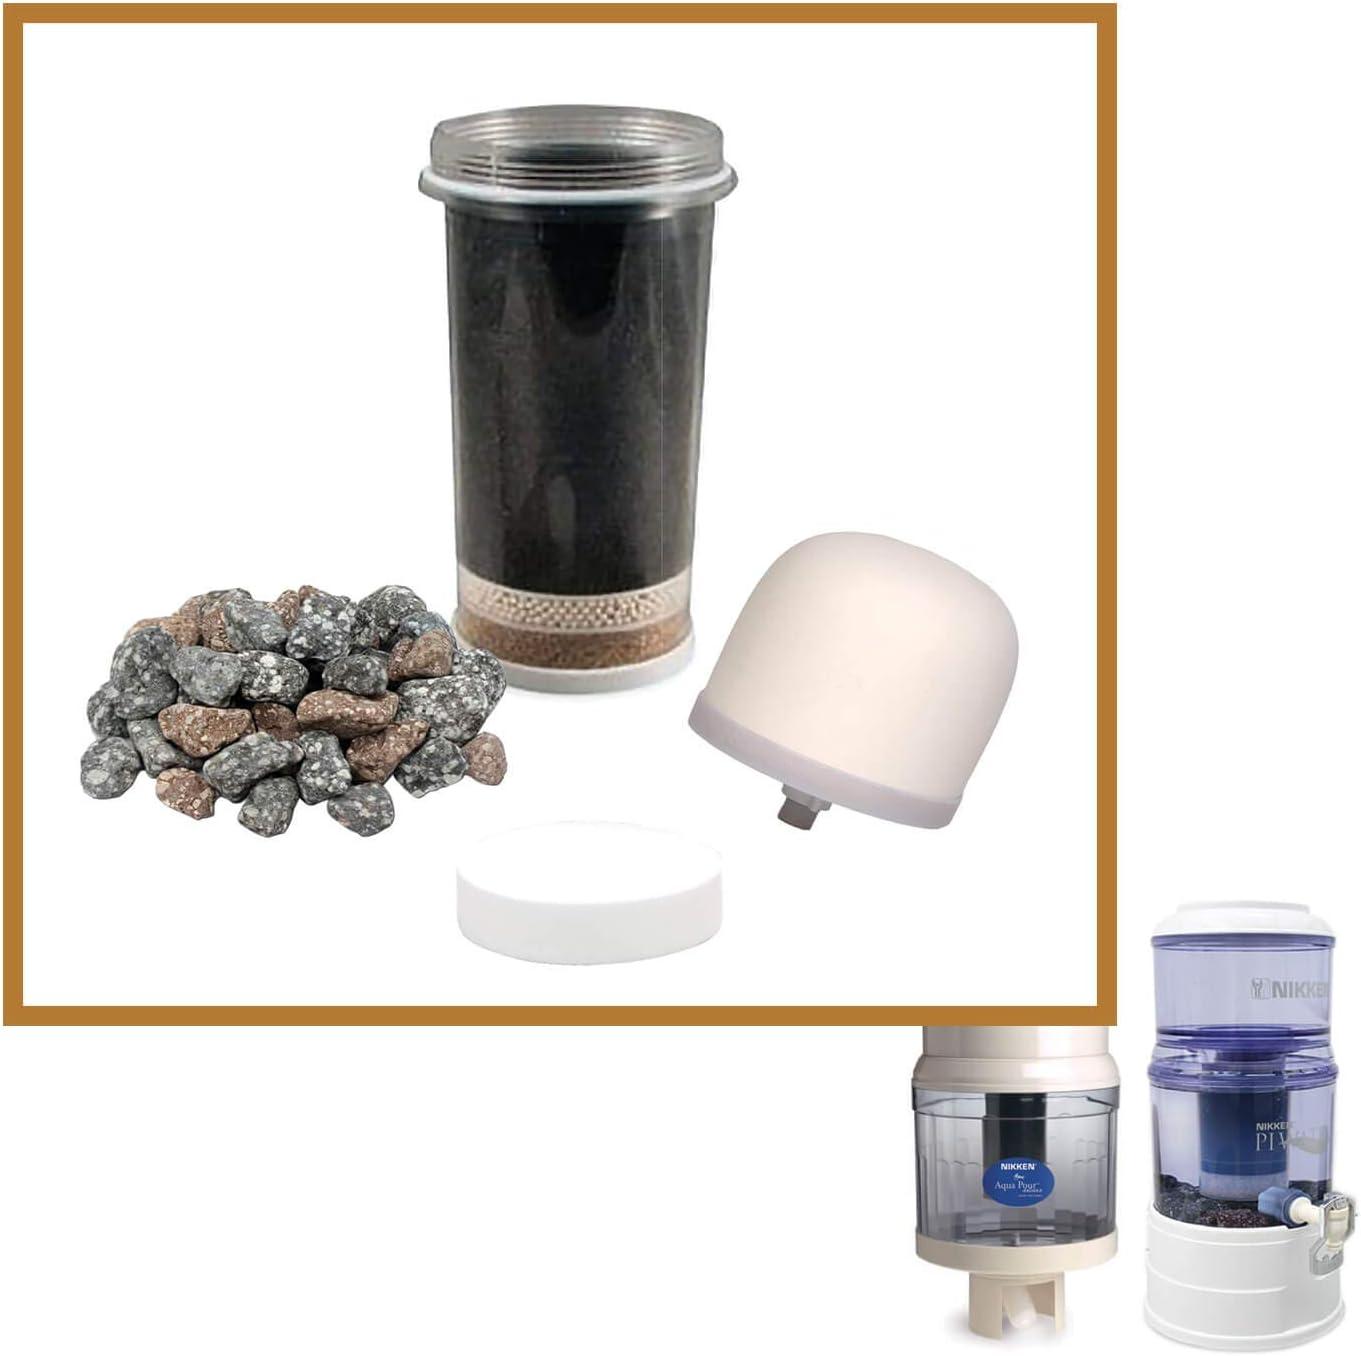 Nikken Aqua Pour 1 cartucho de filtro 1 Micro esponja prefiltro 1 prefiltro de cerámica 1 piedras minerales, 1361 1362 1364 1386, repuesto para sistema de purificador de agua de gravedad 1360, PiMag: Amazon.es: Bricolaje y herramientas